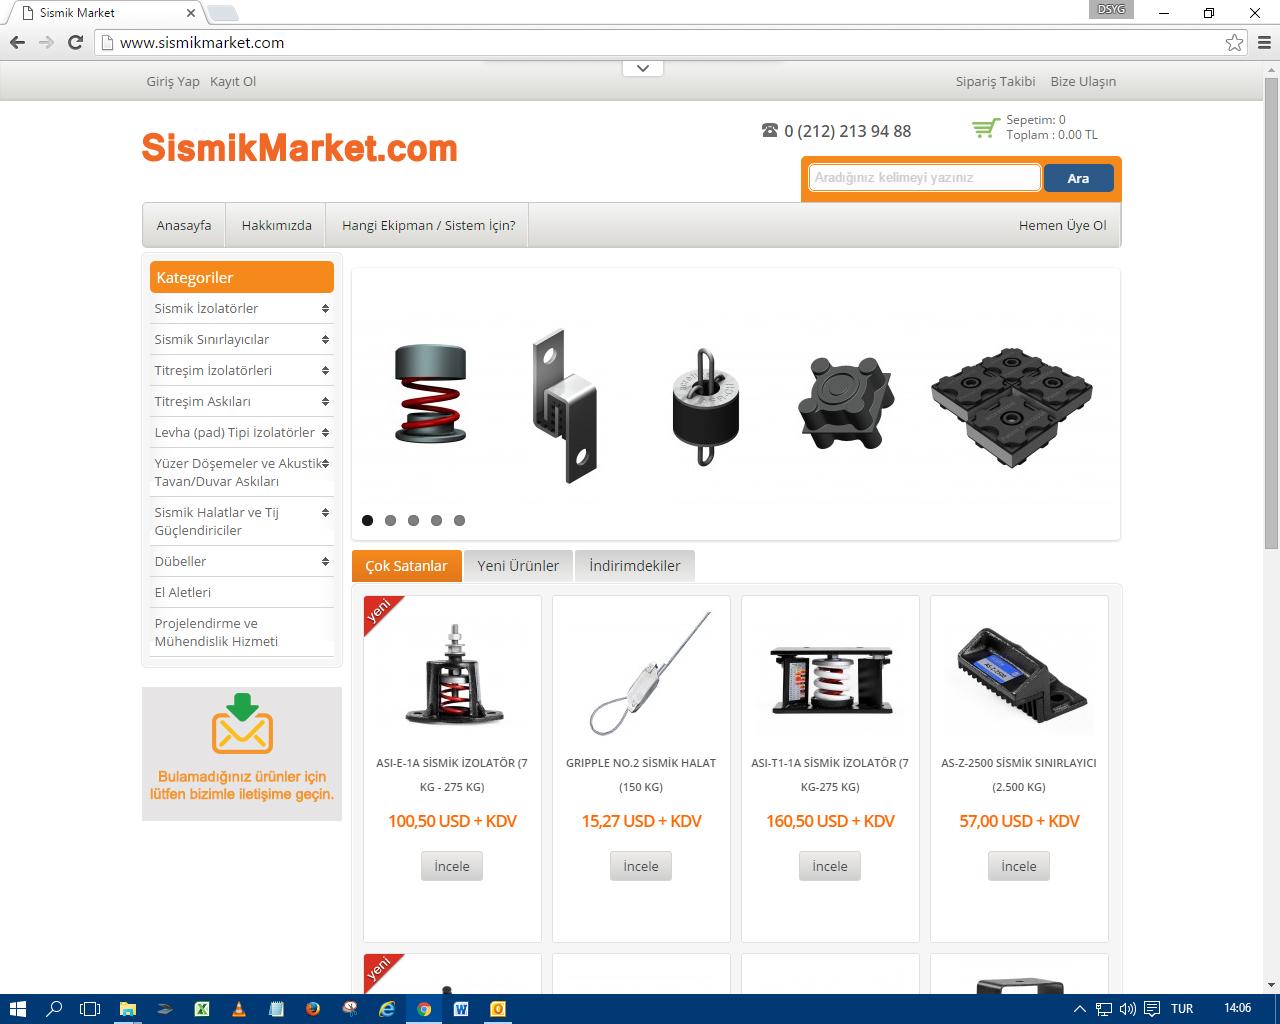 sismikmarket.com Yayında